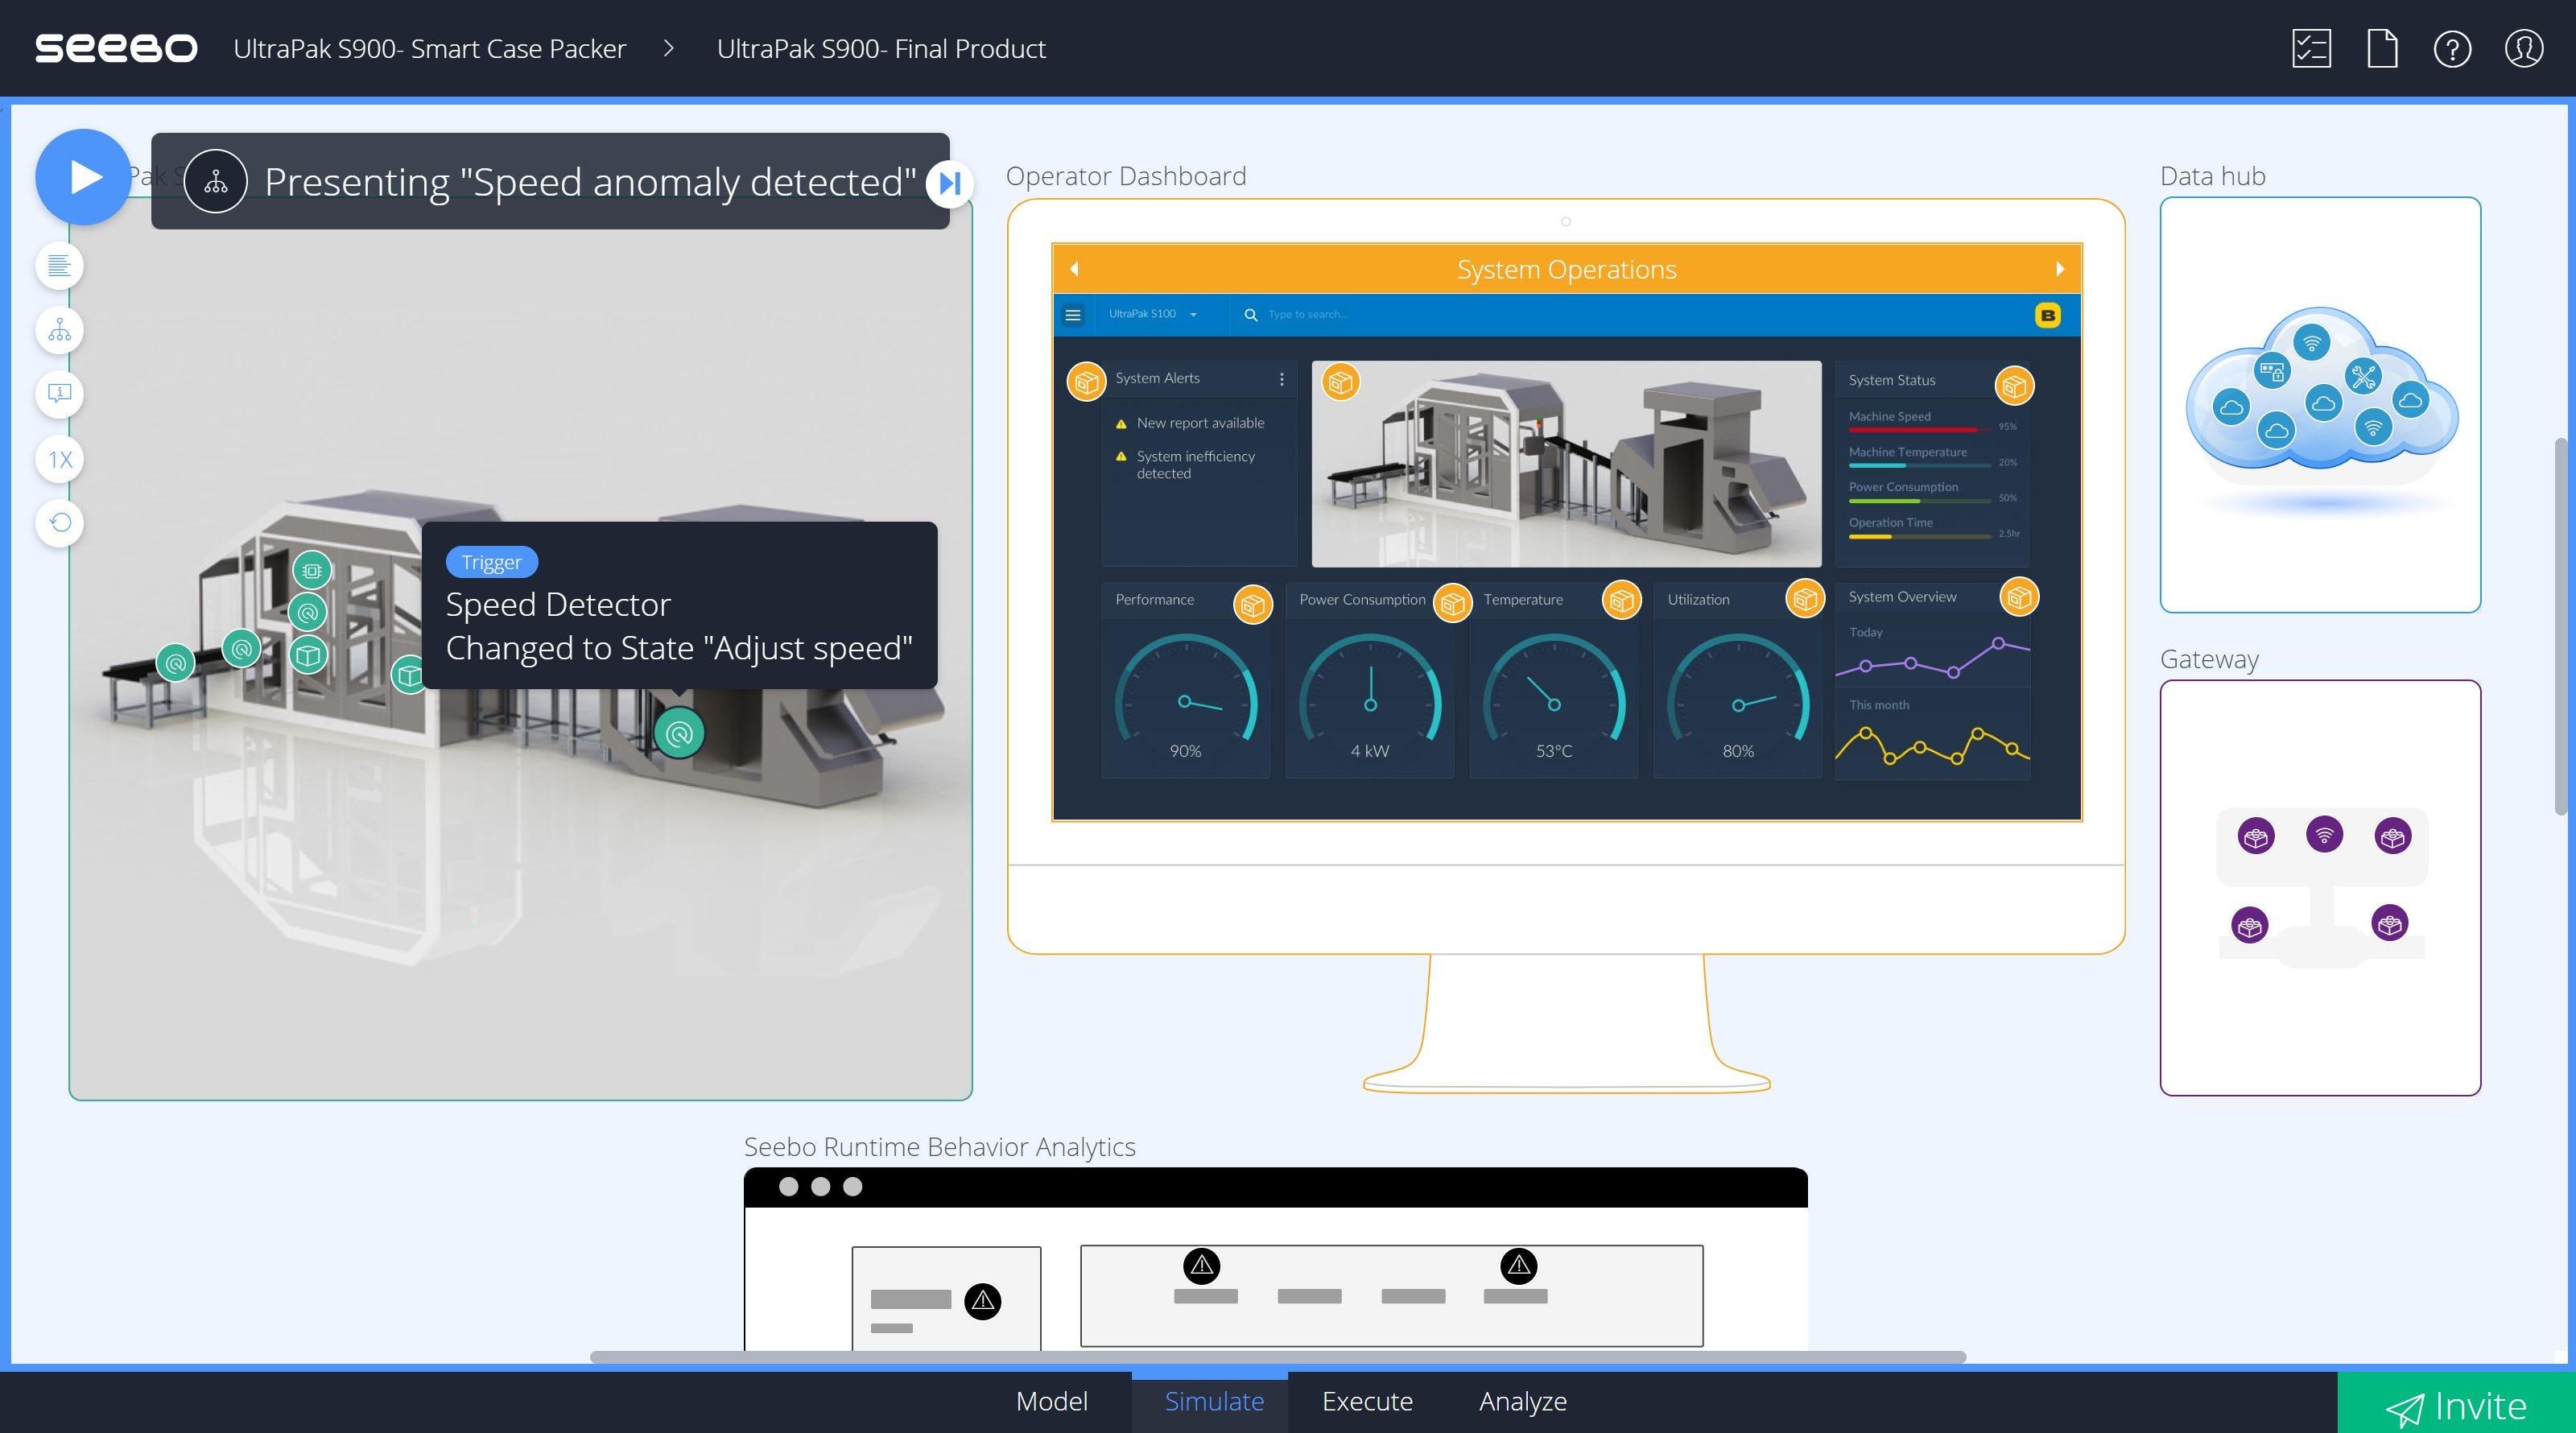 Seebo Software - Simulate process